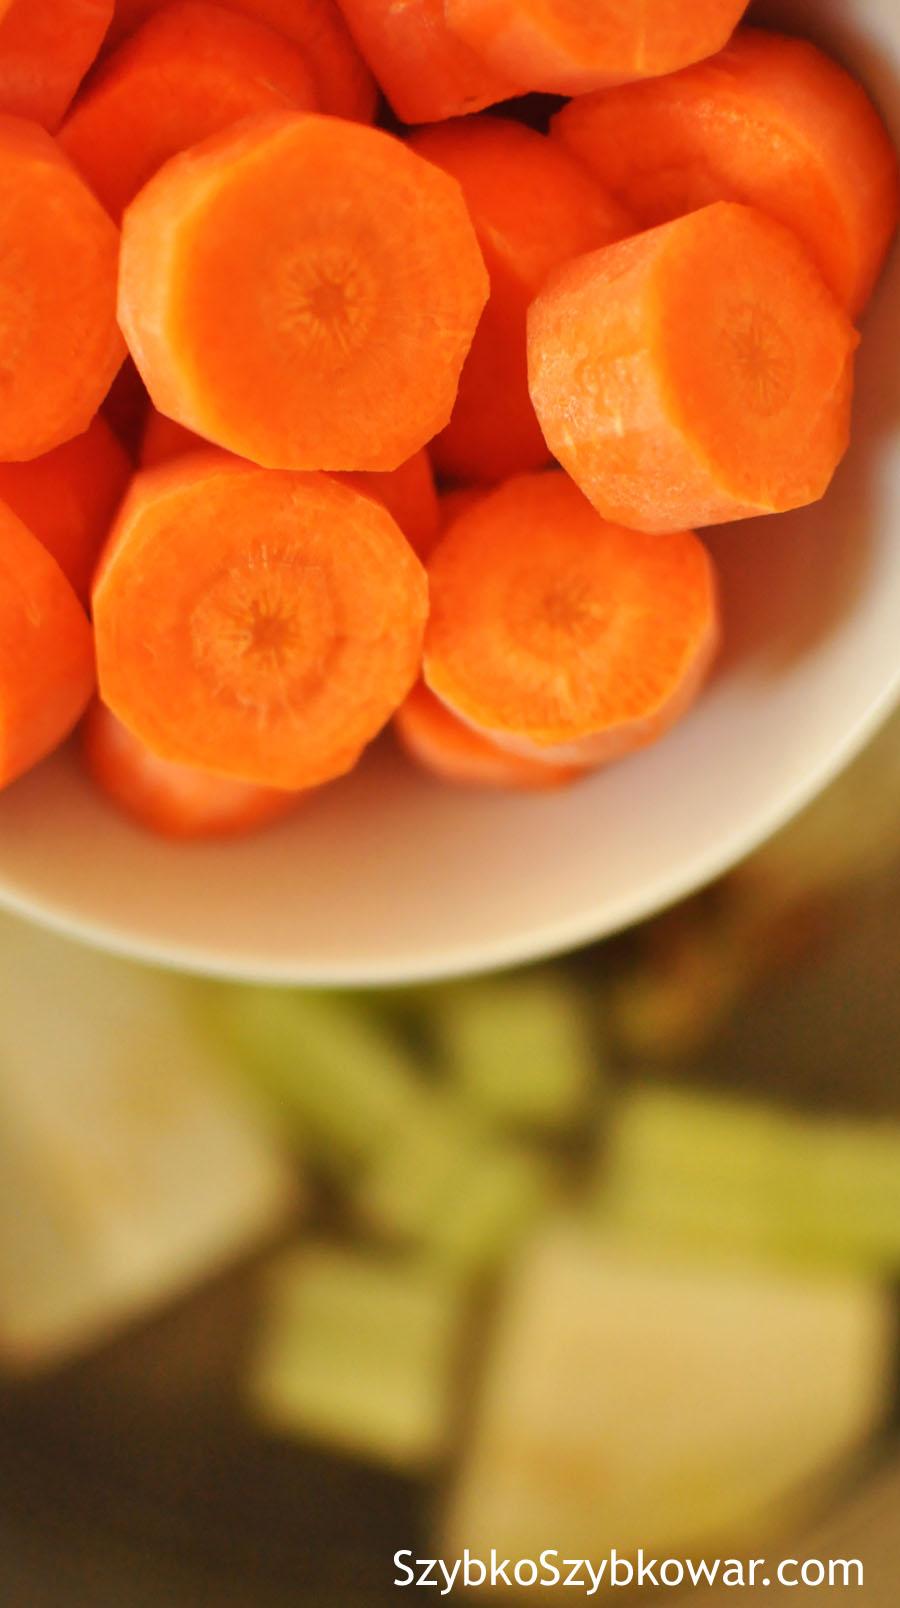 marchewkę,